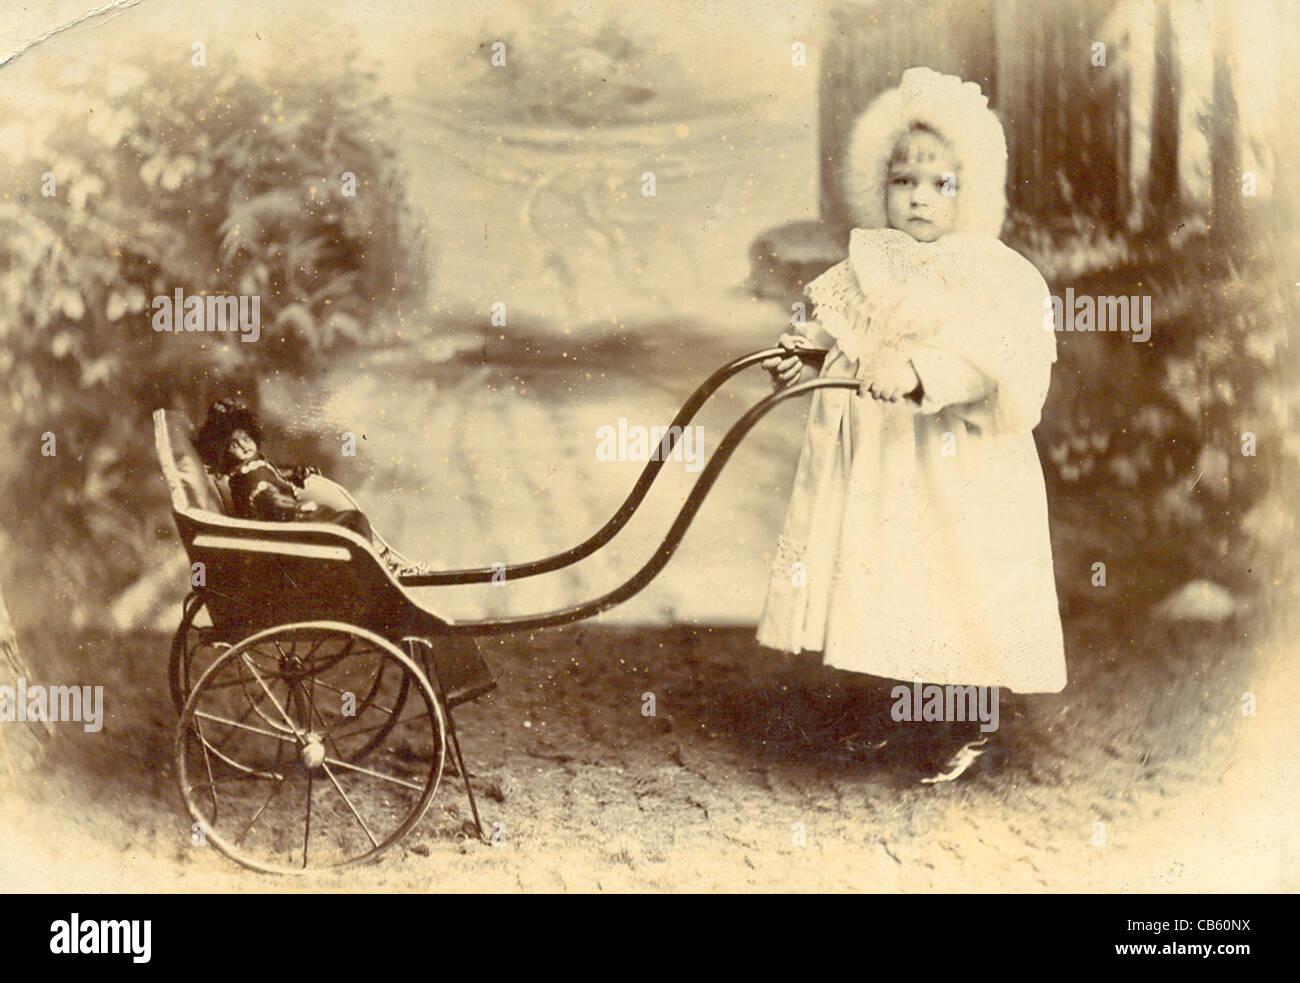 Kabinett Foto von Kleinkind mit Kinderwagen und Puppe Stockbild